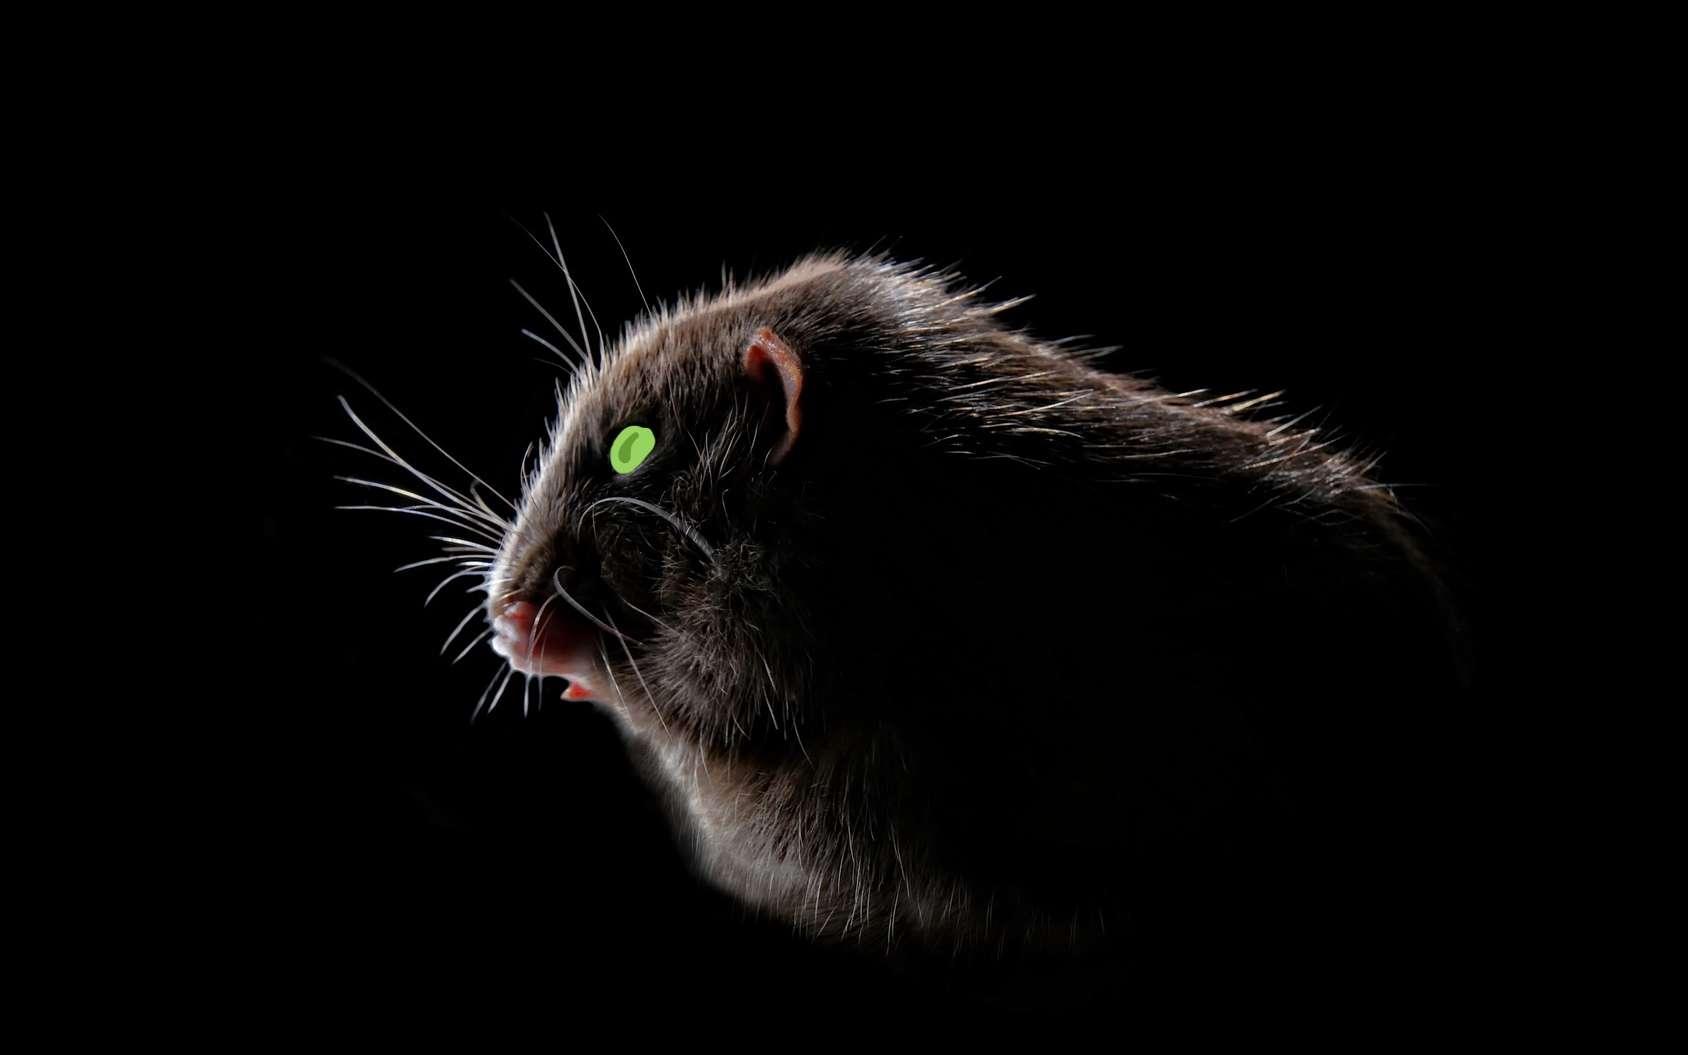 Des souris dotées de vision de nuit grâce à l'injection de nanoparticules dans les yeux. © C.D/Lightspruch, Fotolia